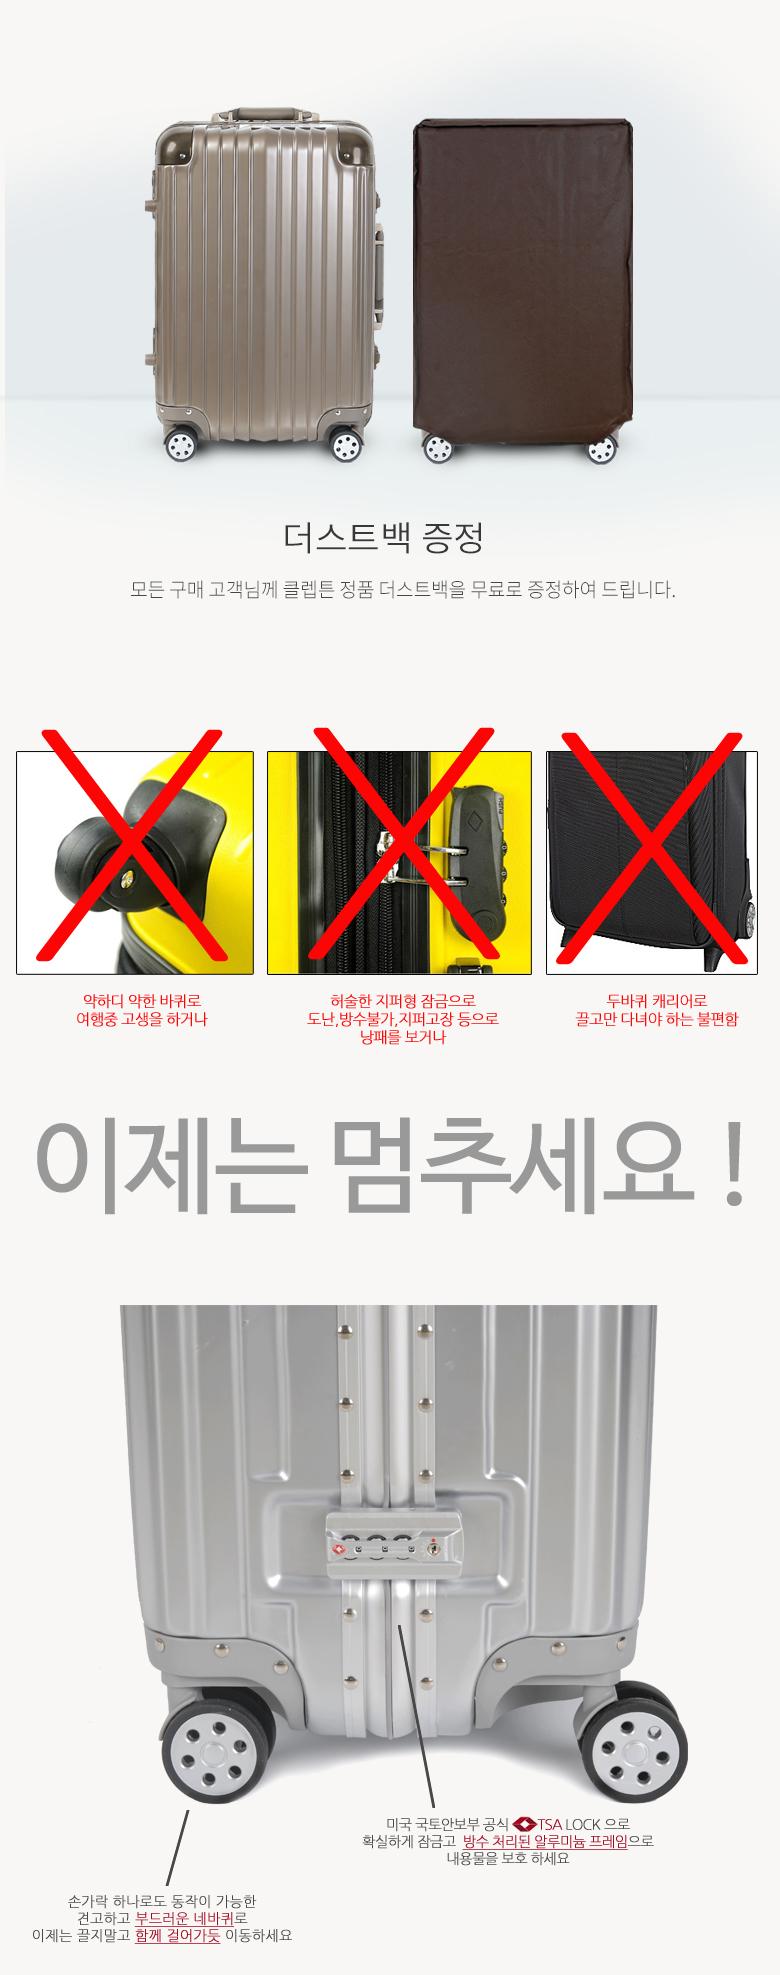 클렙튼 알루미늄프레임 여행용캐리어 골드 29인치